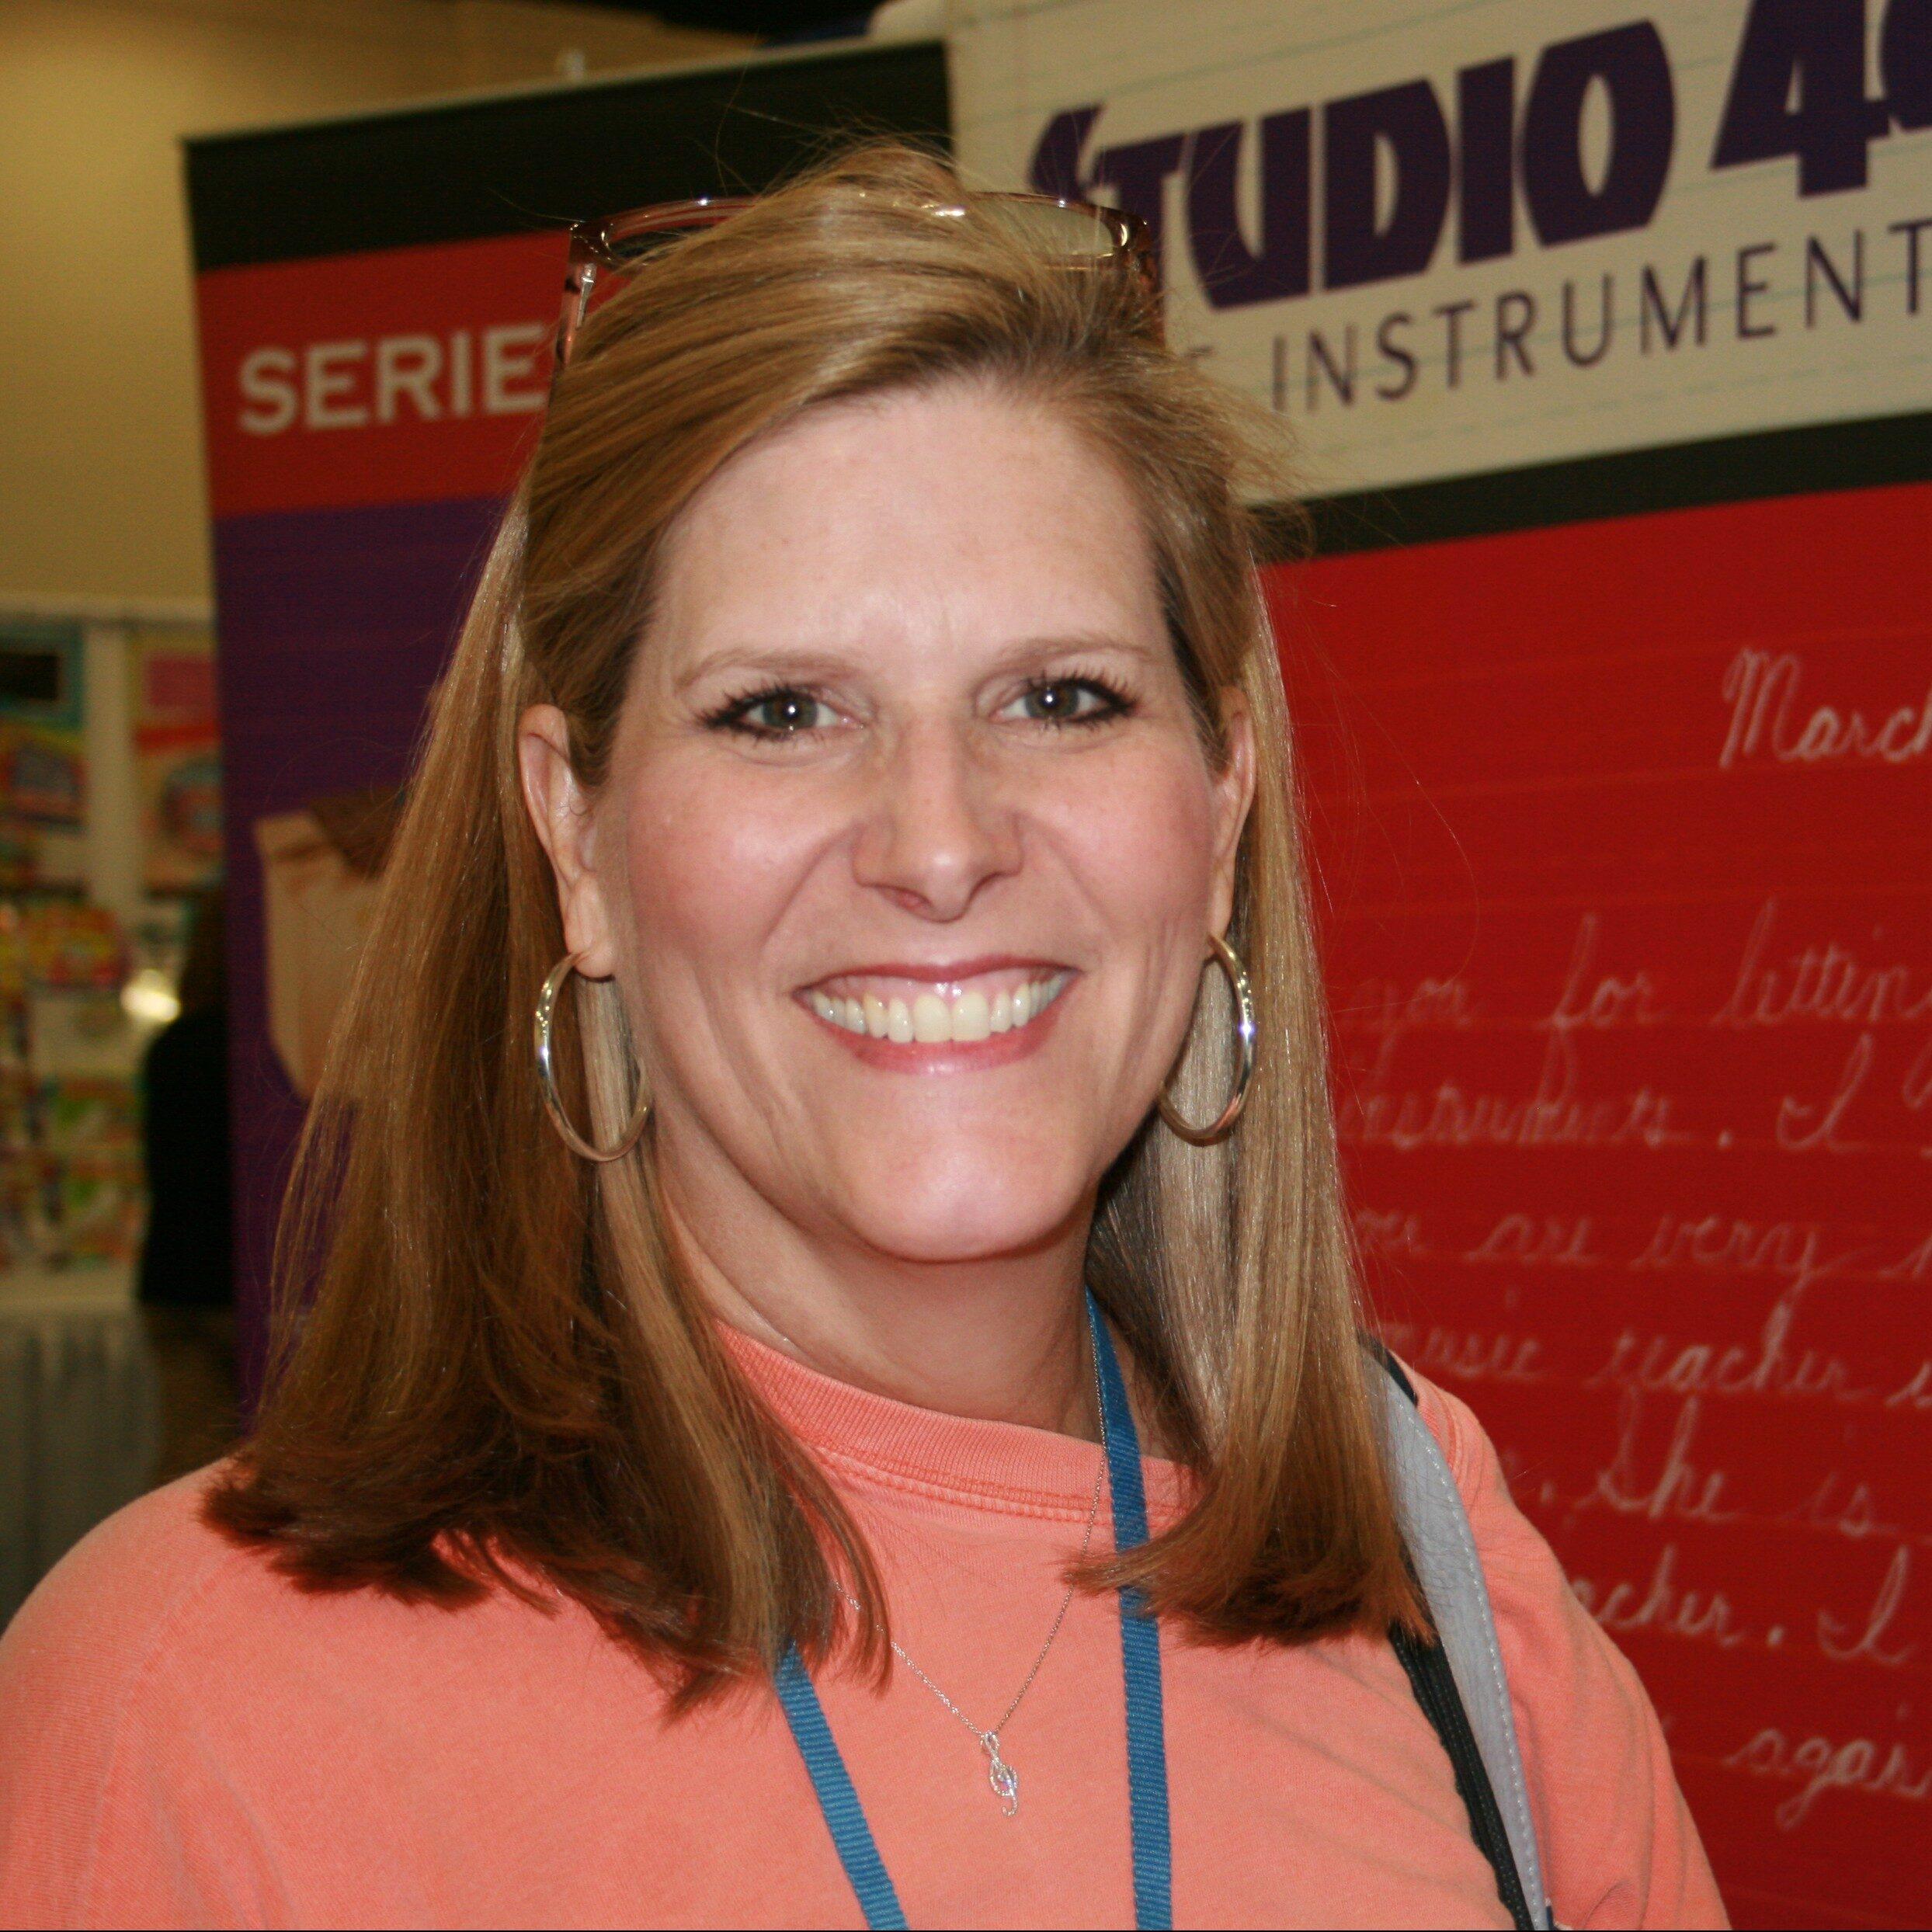 Kate Donaldson